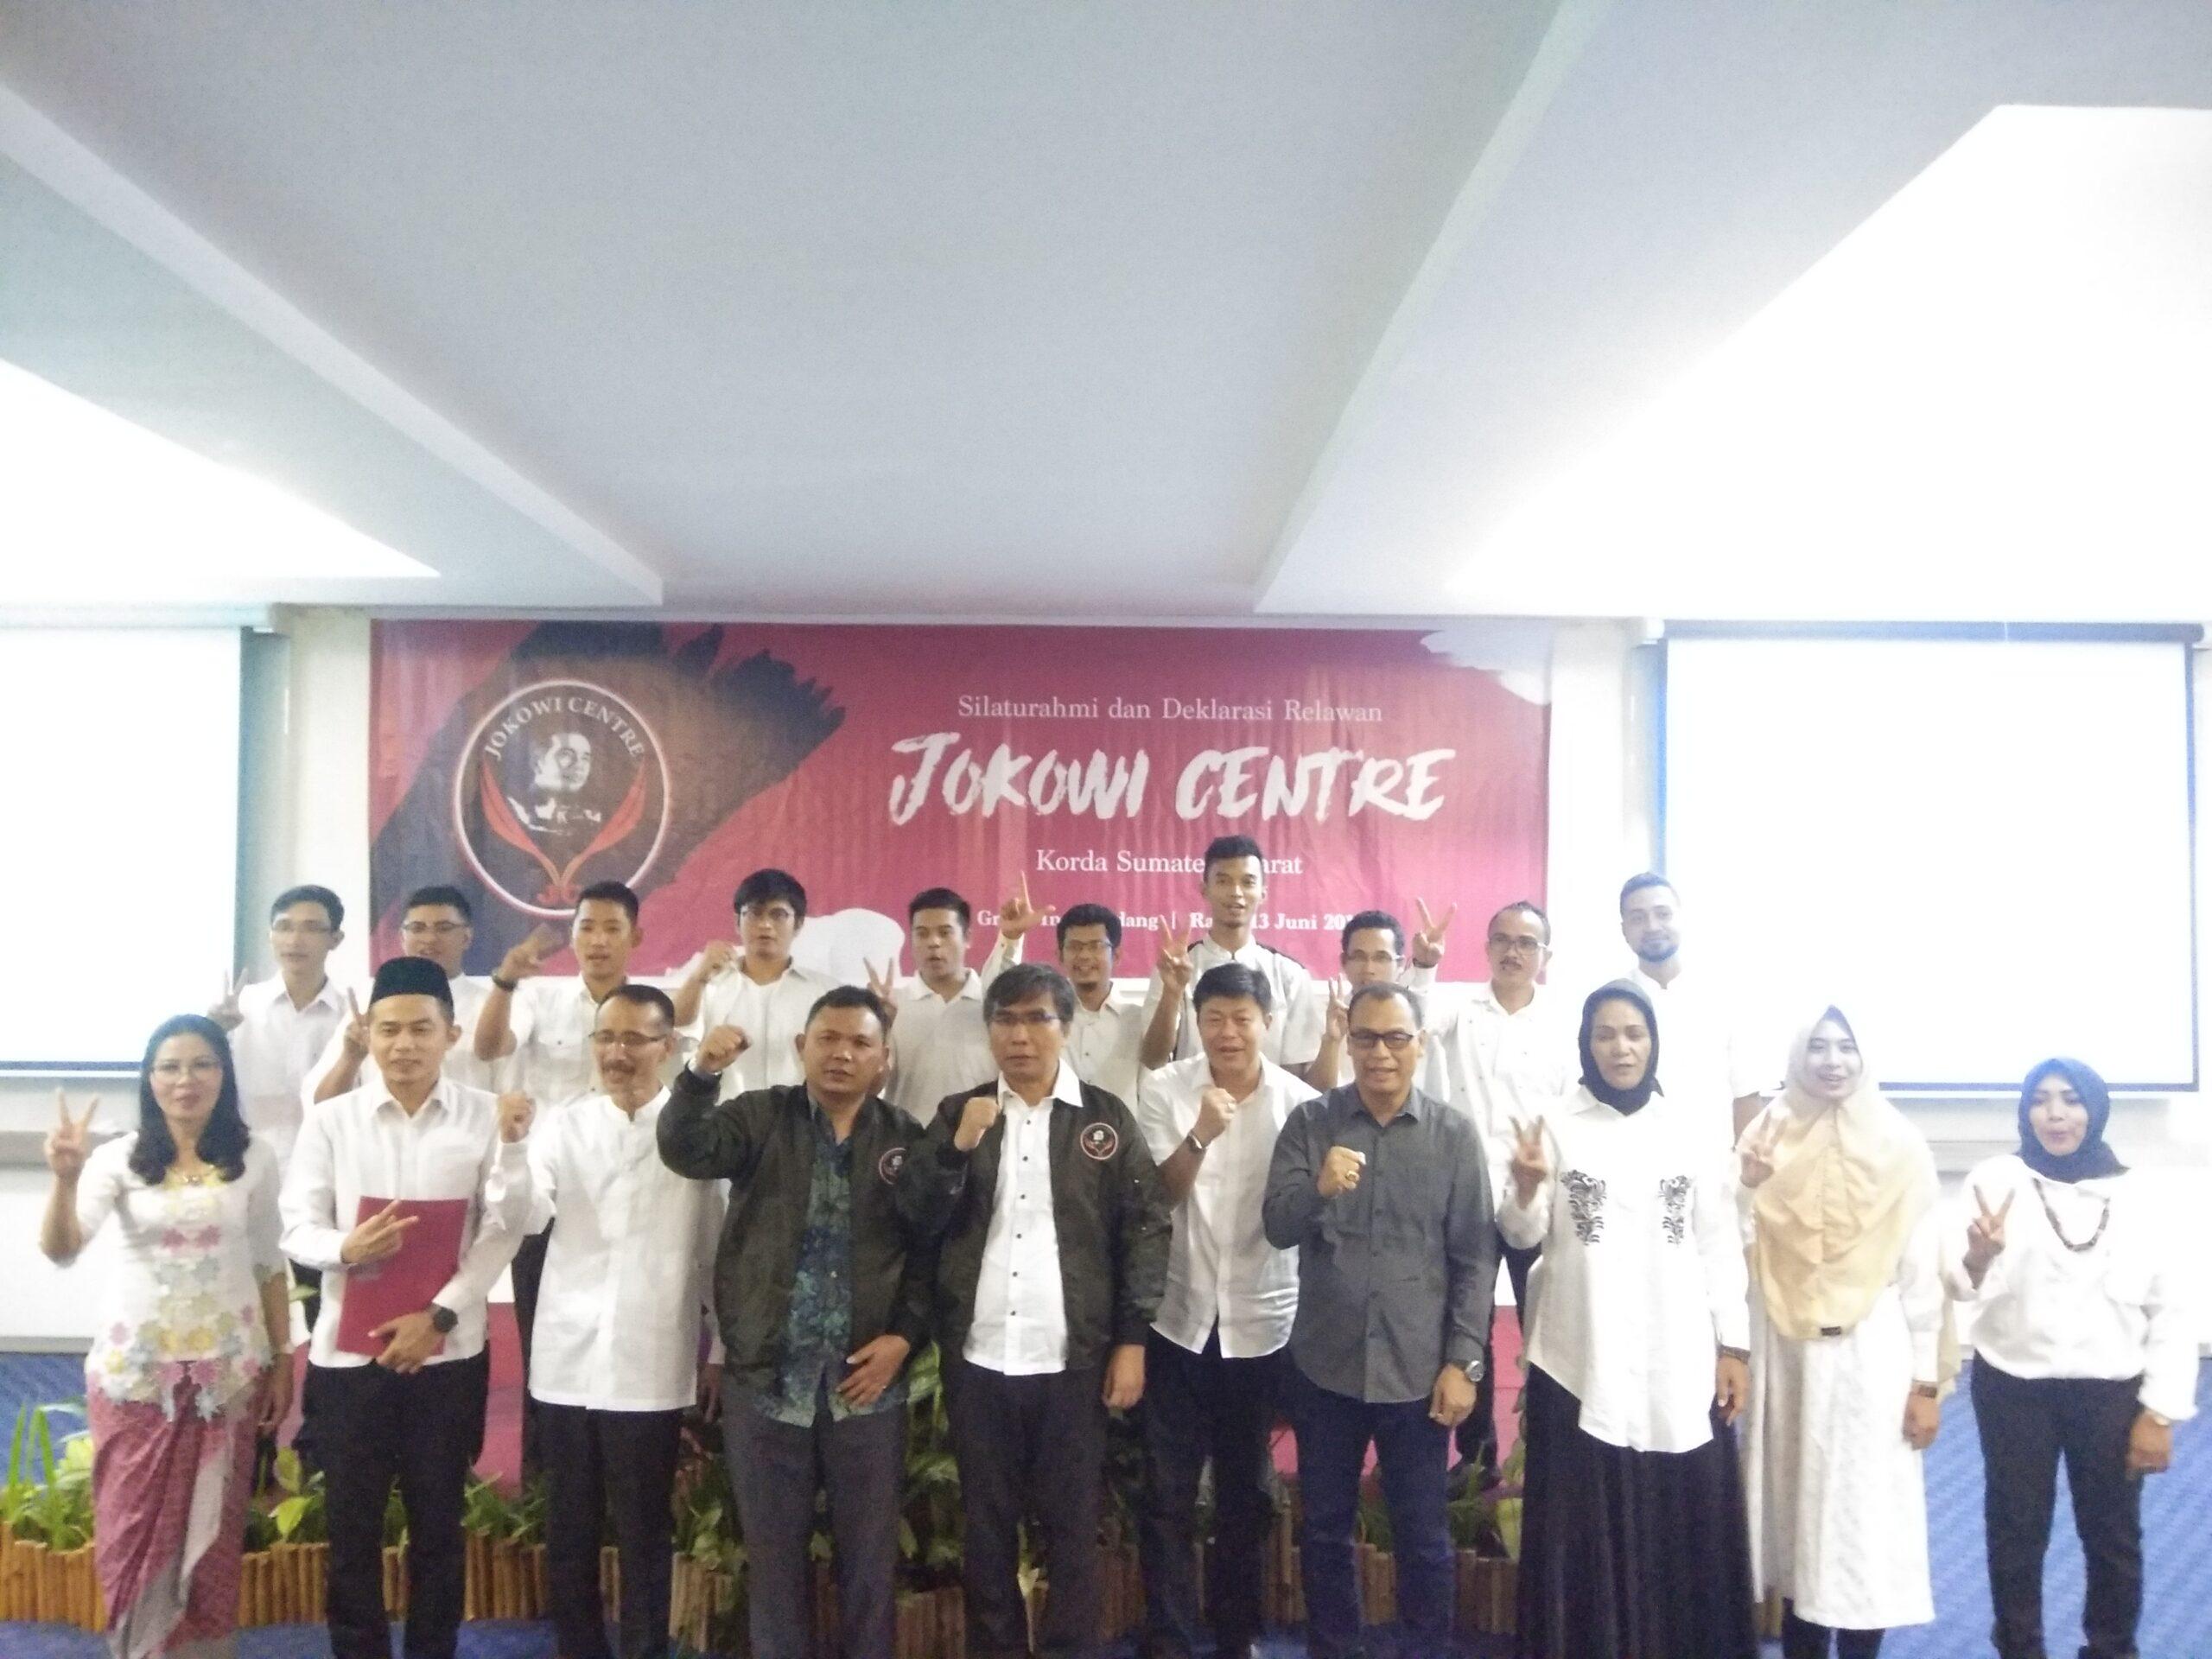 Relawan Jokowi Center dan Dewan Pembina berfoto bersama usai pelantikan. Foto : Hijrah Adi Sukrial